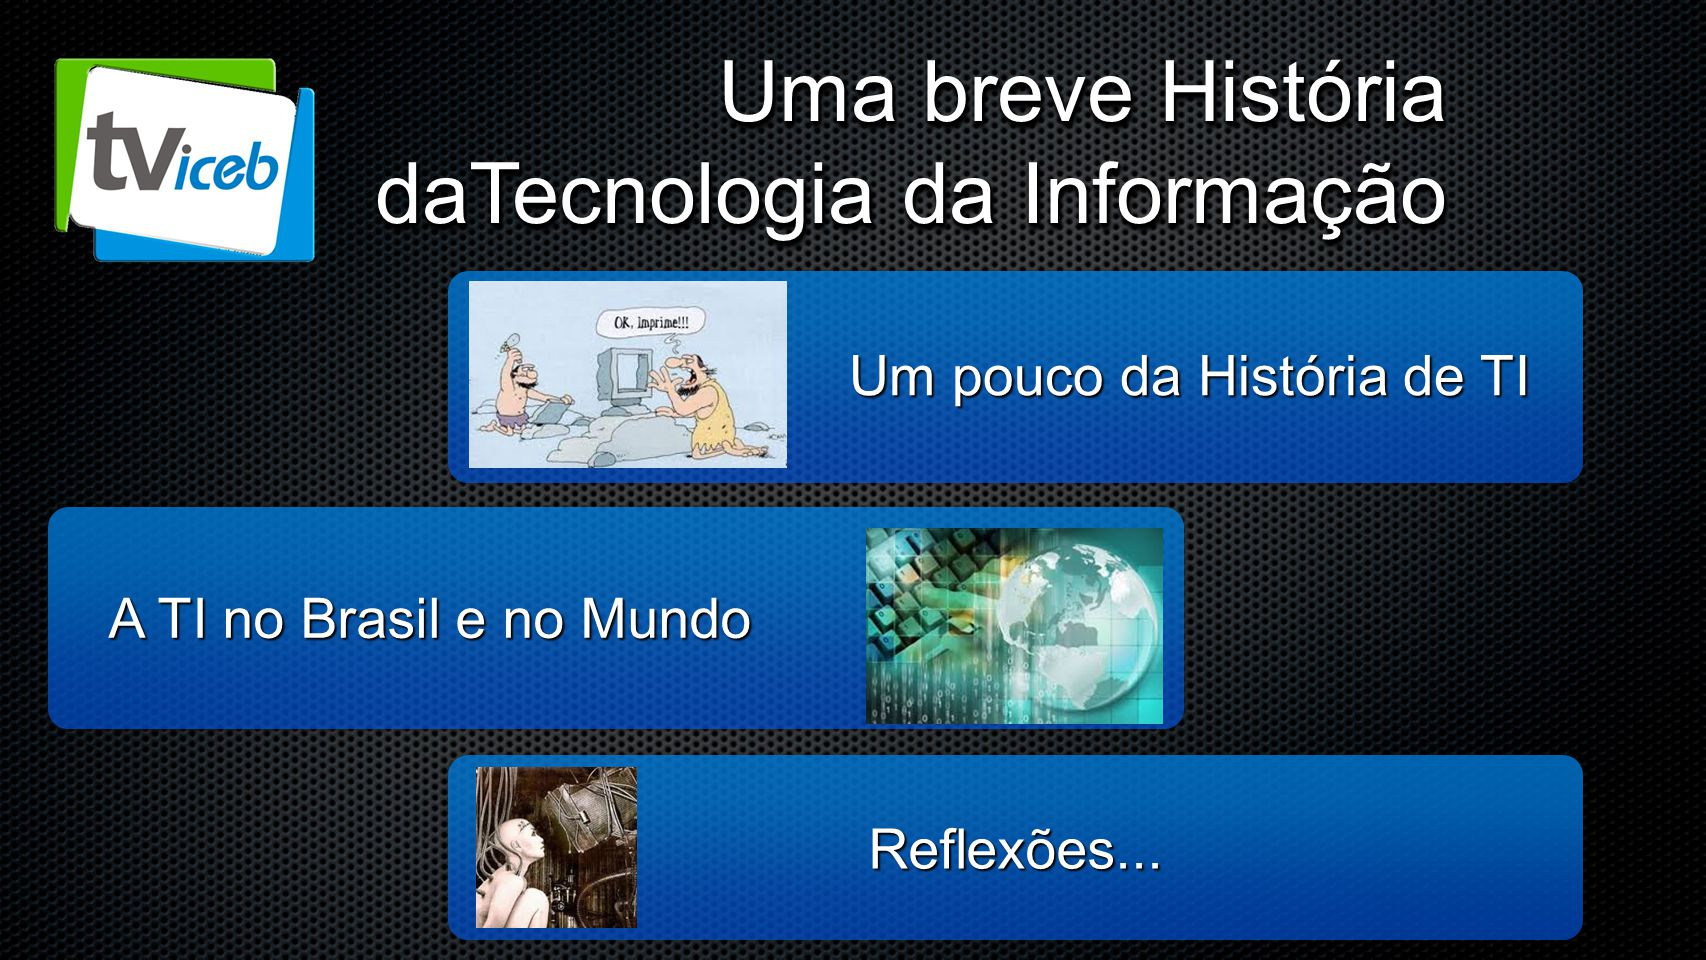 Um pouco da História de TI